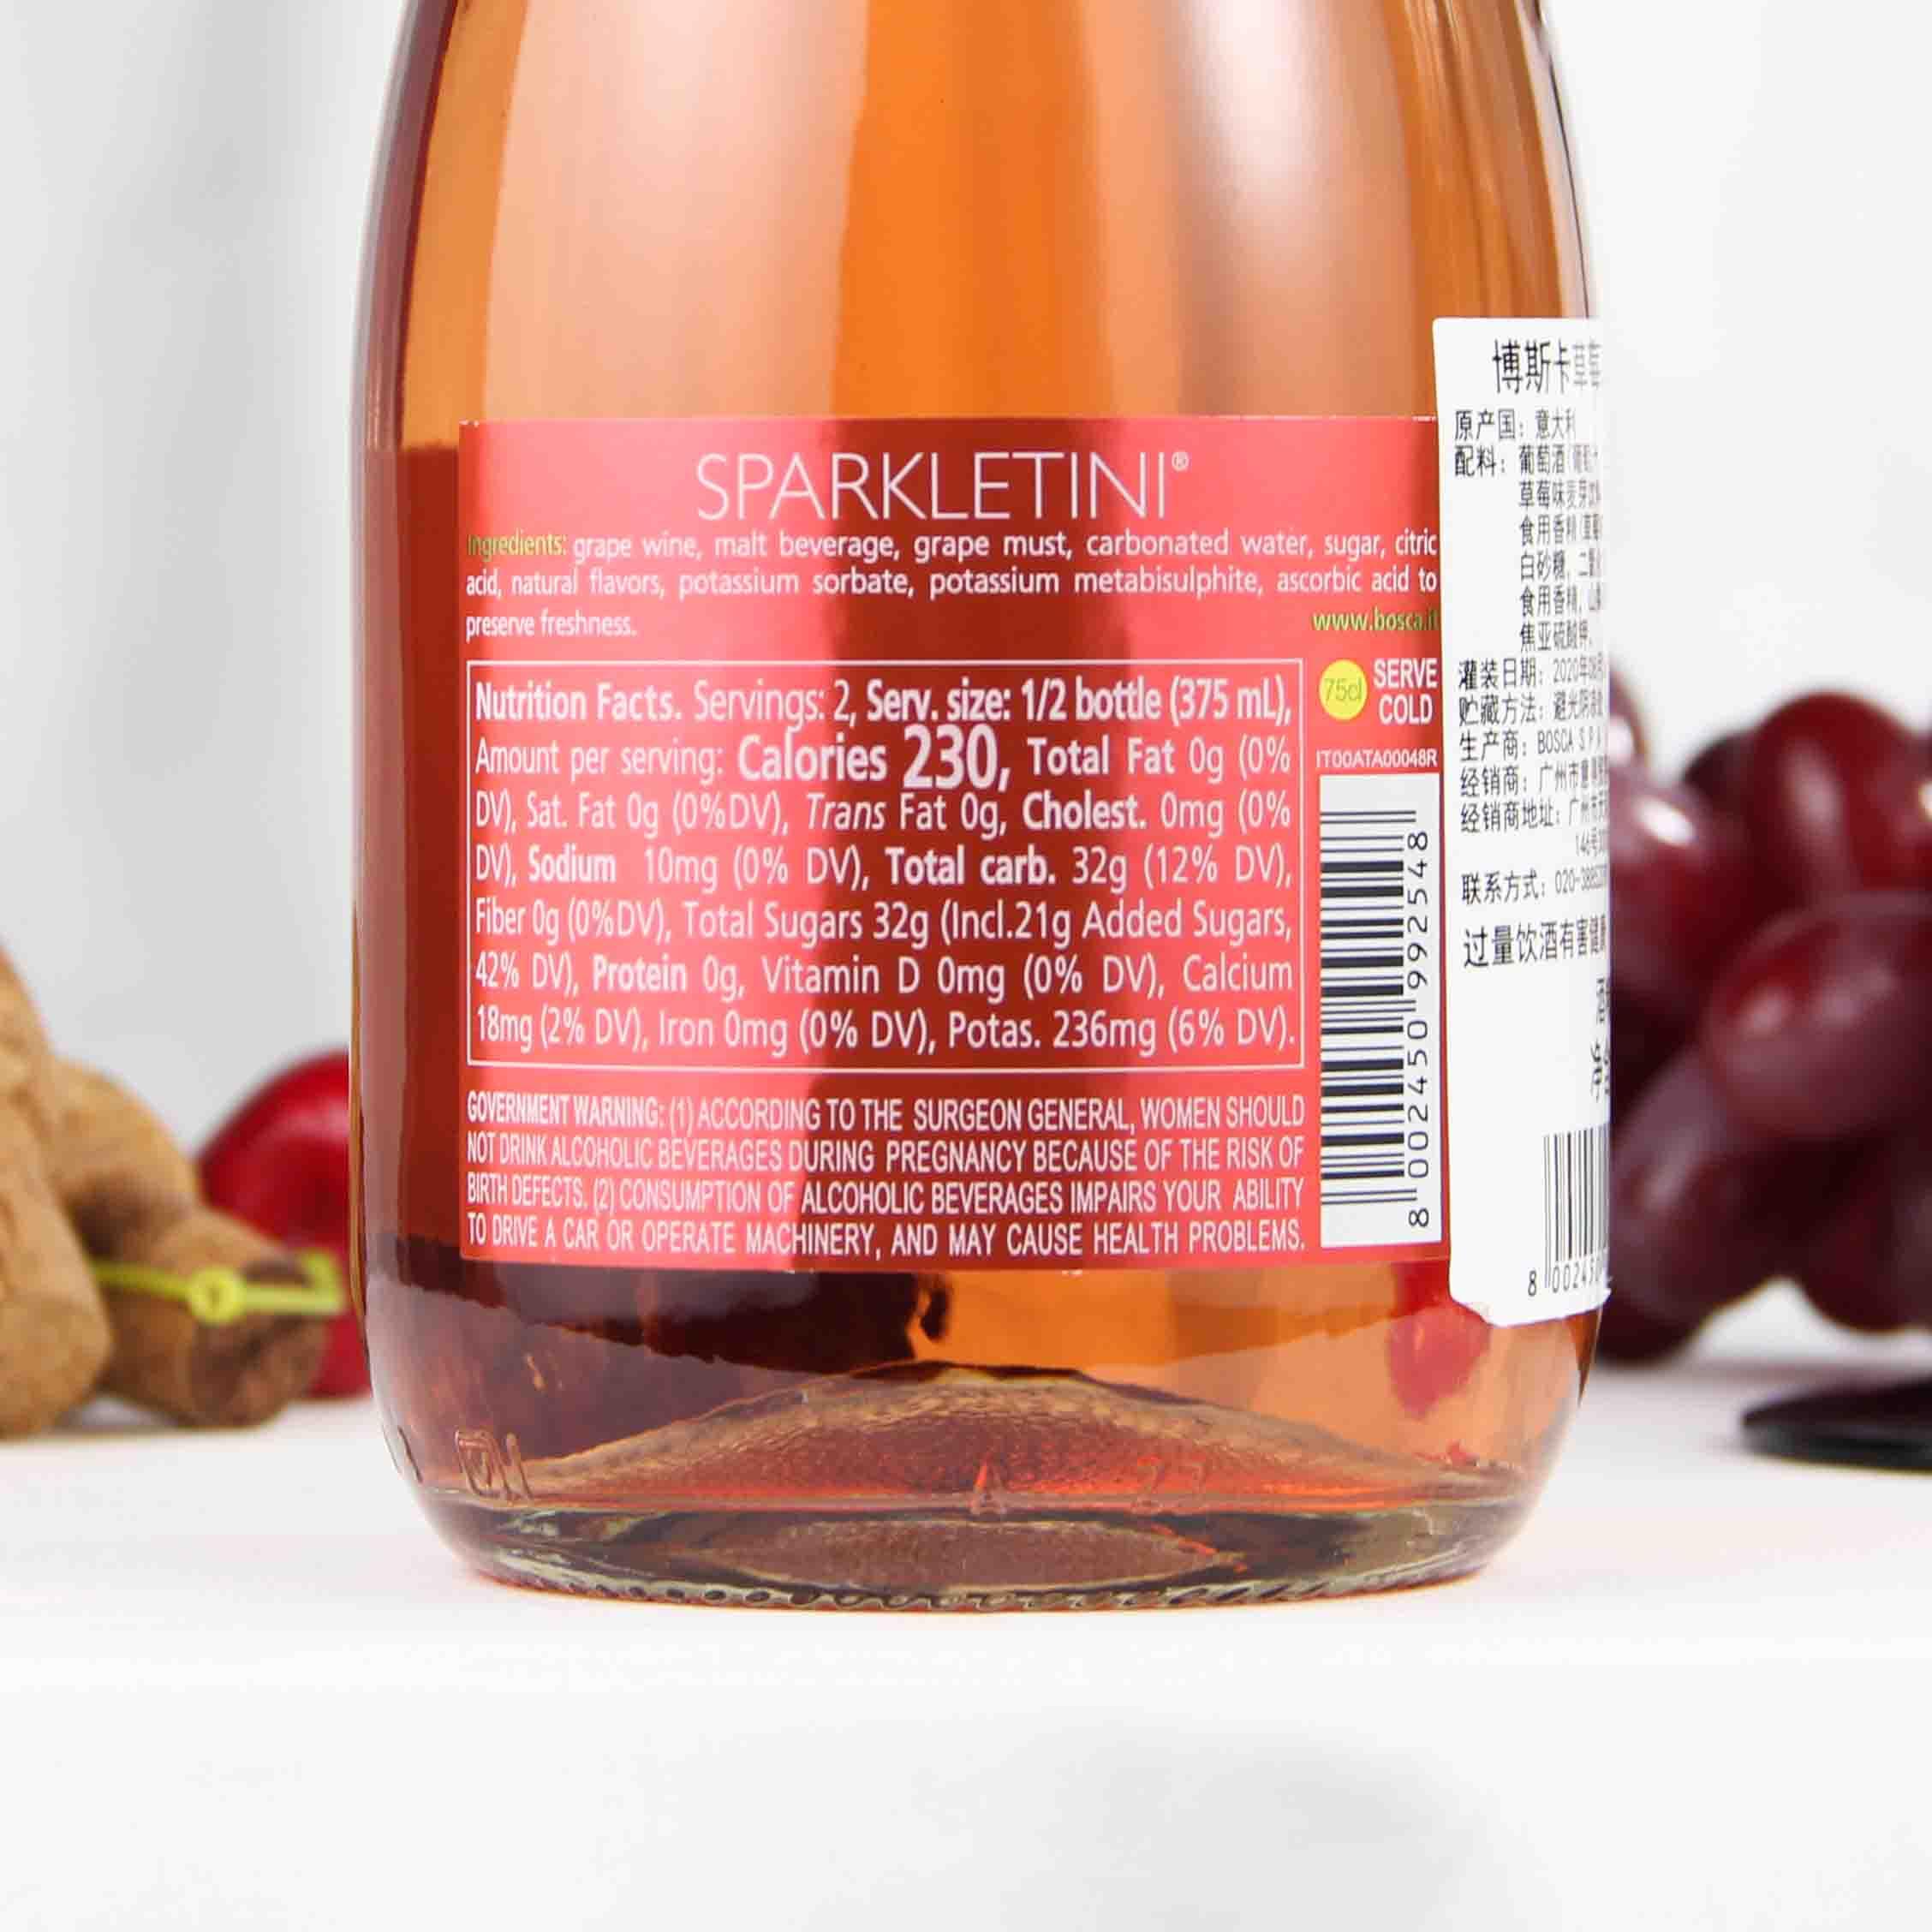 意大利皮埃蒙特佰世嘉草莓味配制酒